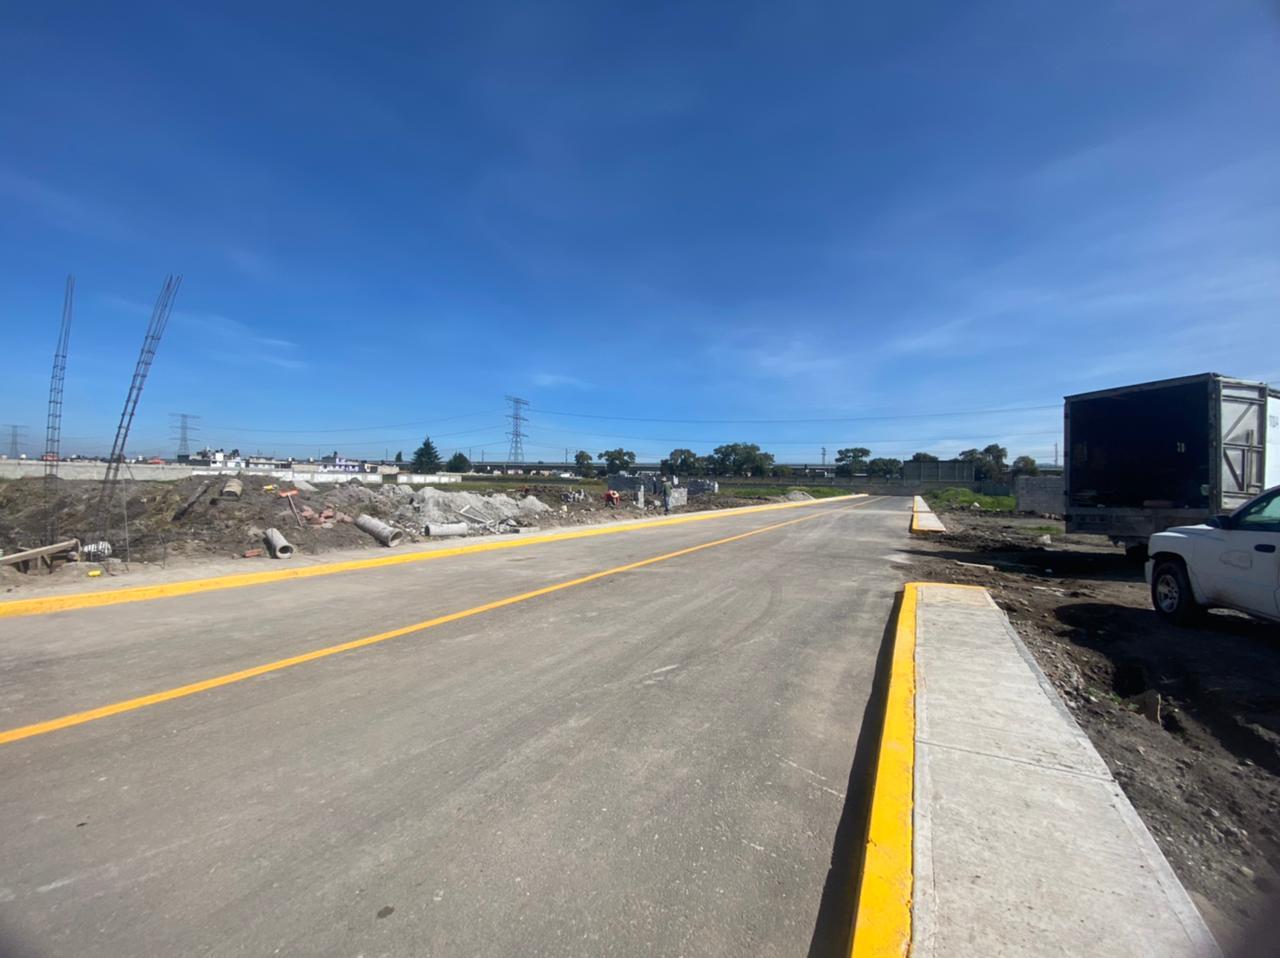 San Mateo Atenco cerrará 2021 con finanzas sanas - Ago 20, 2021